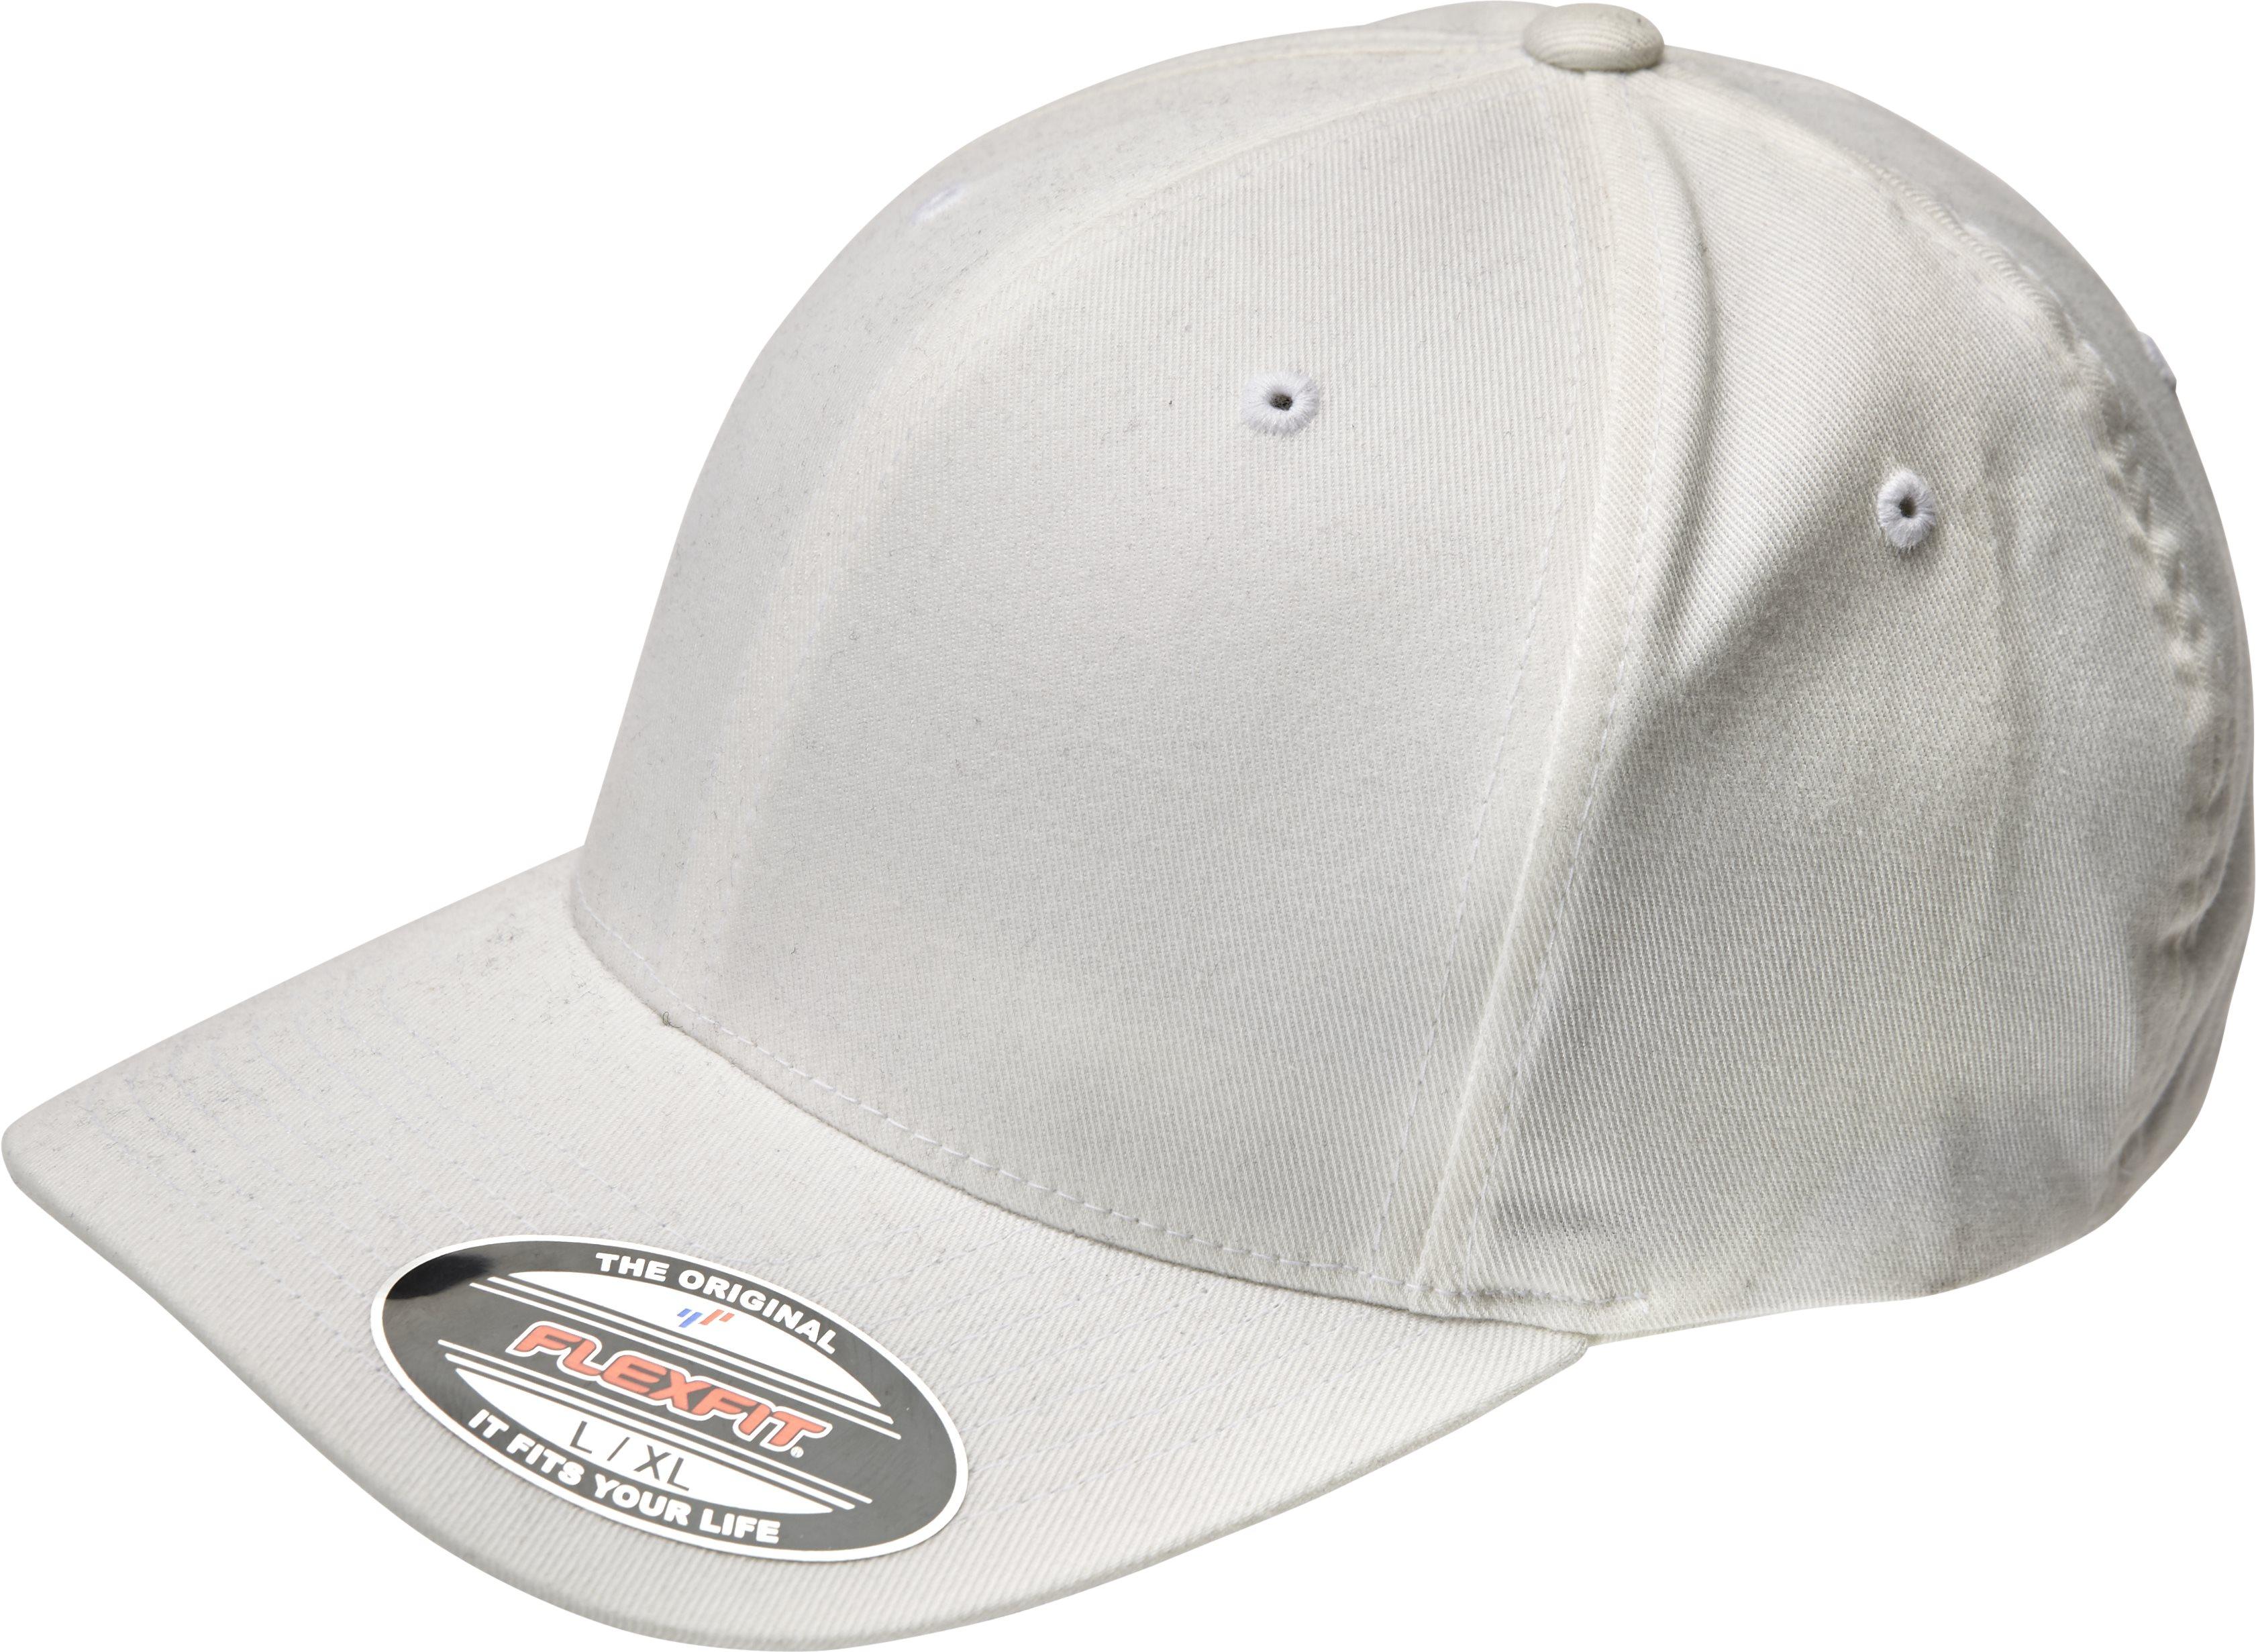 ALM BASIC 6277 - Caps - Hvid